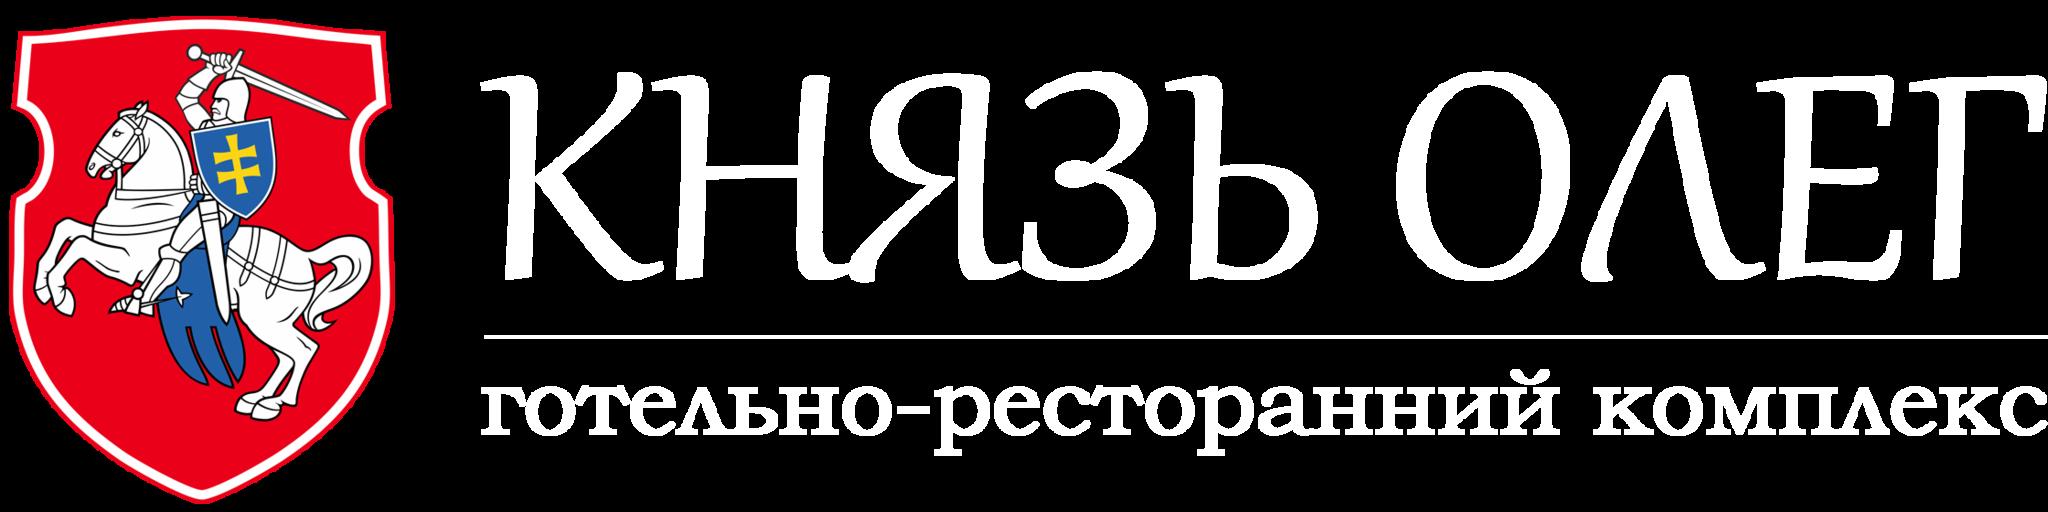 Готель Князь Олег